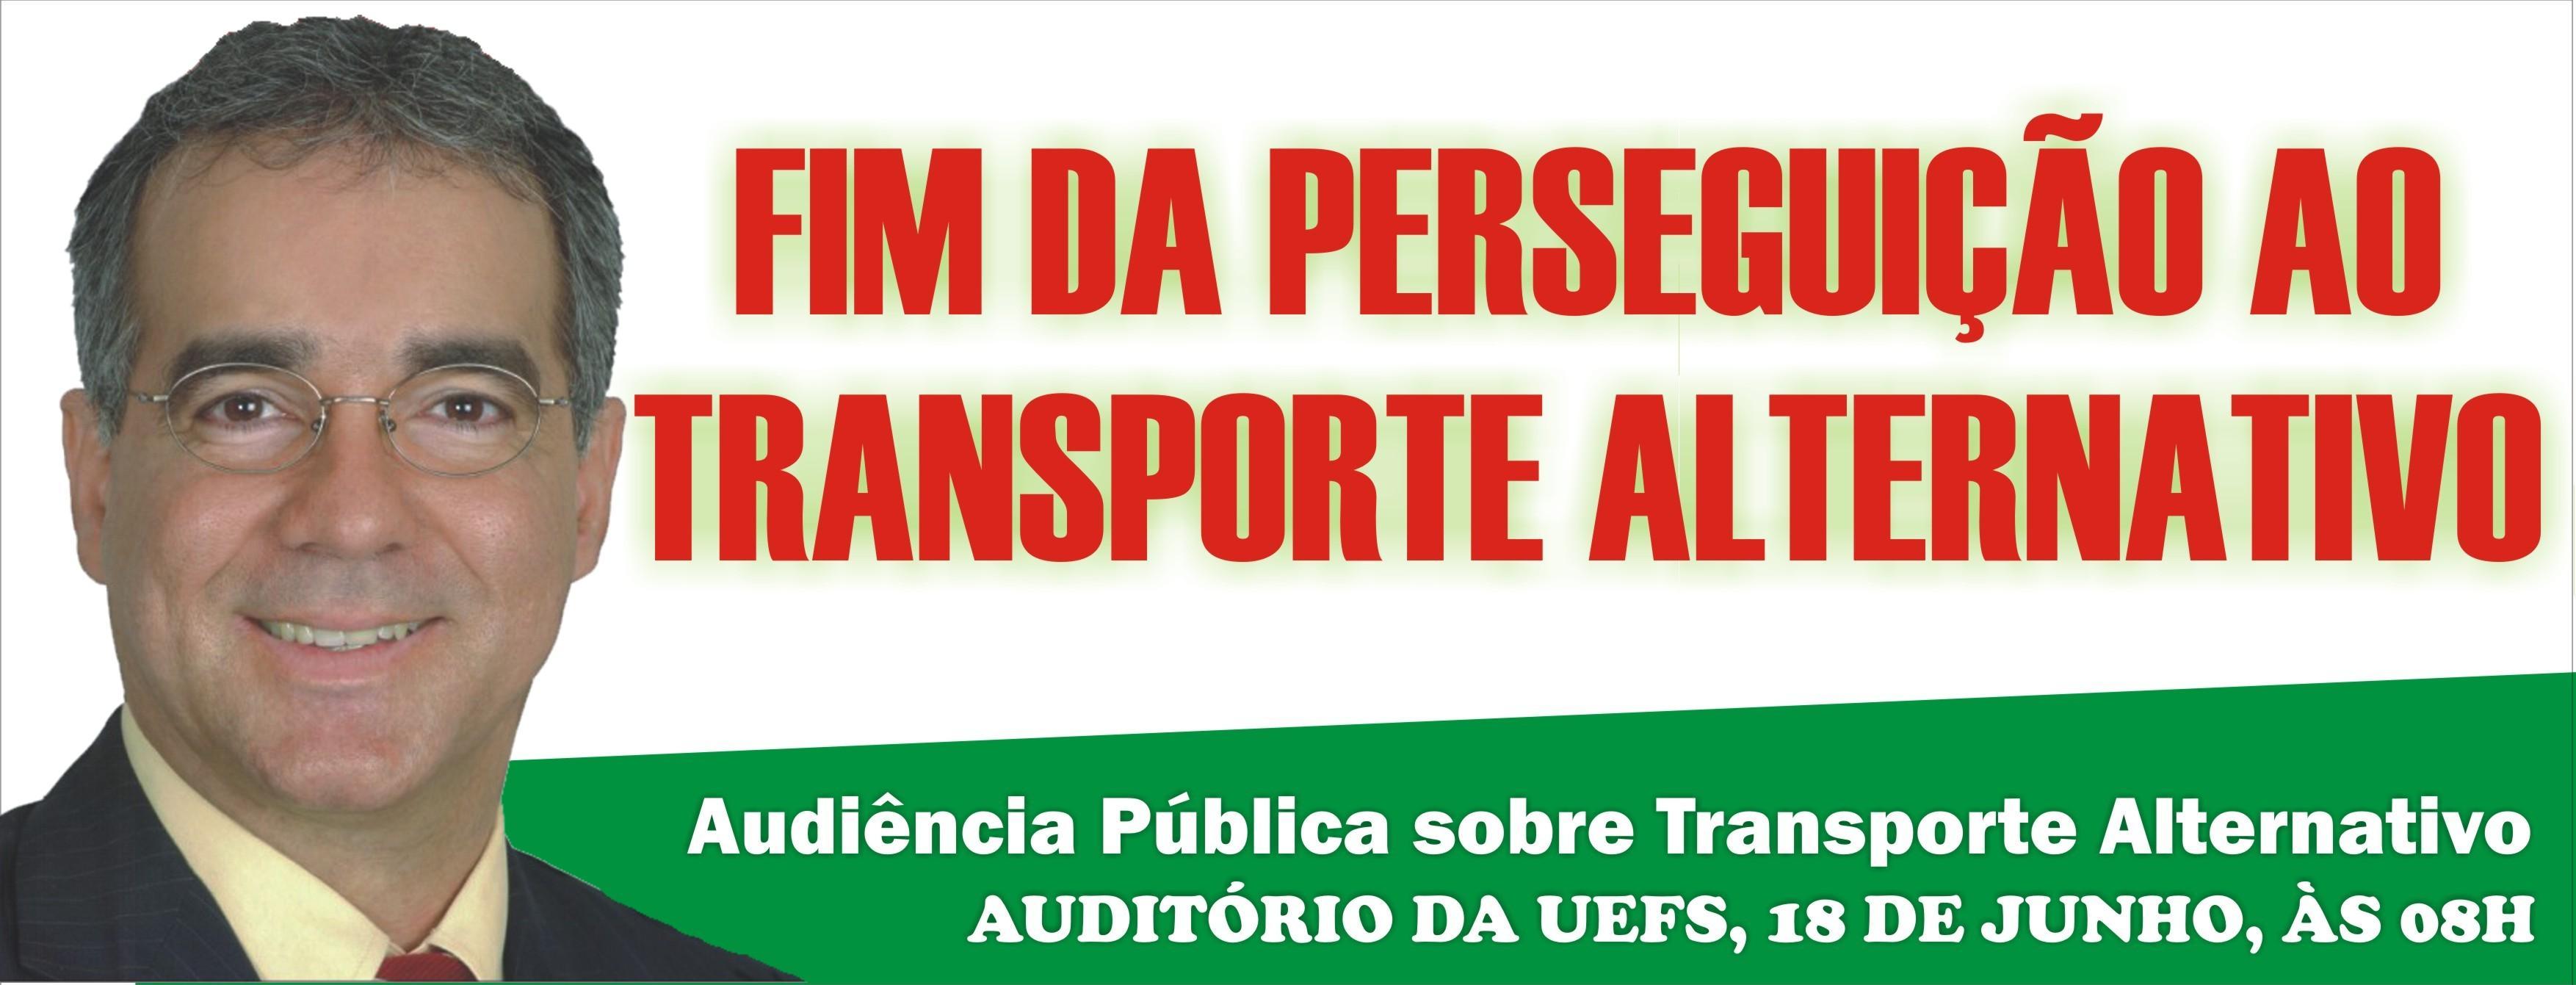 Audiência Pública: Fim da Perseguição do Transporte Alternativo